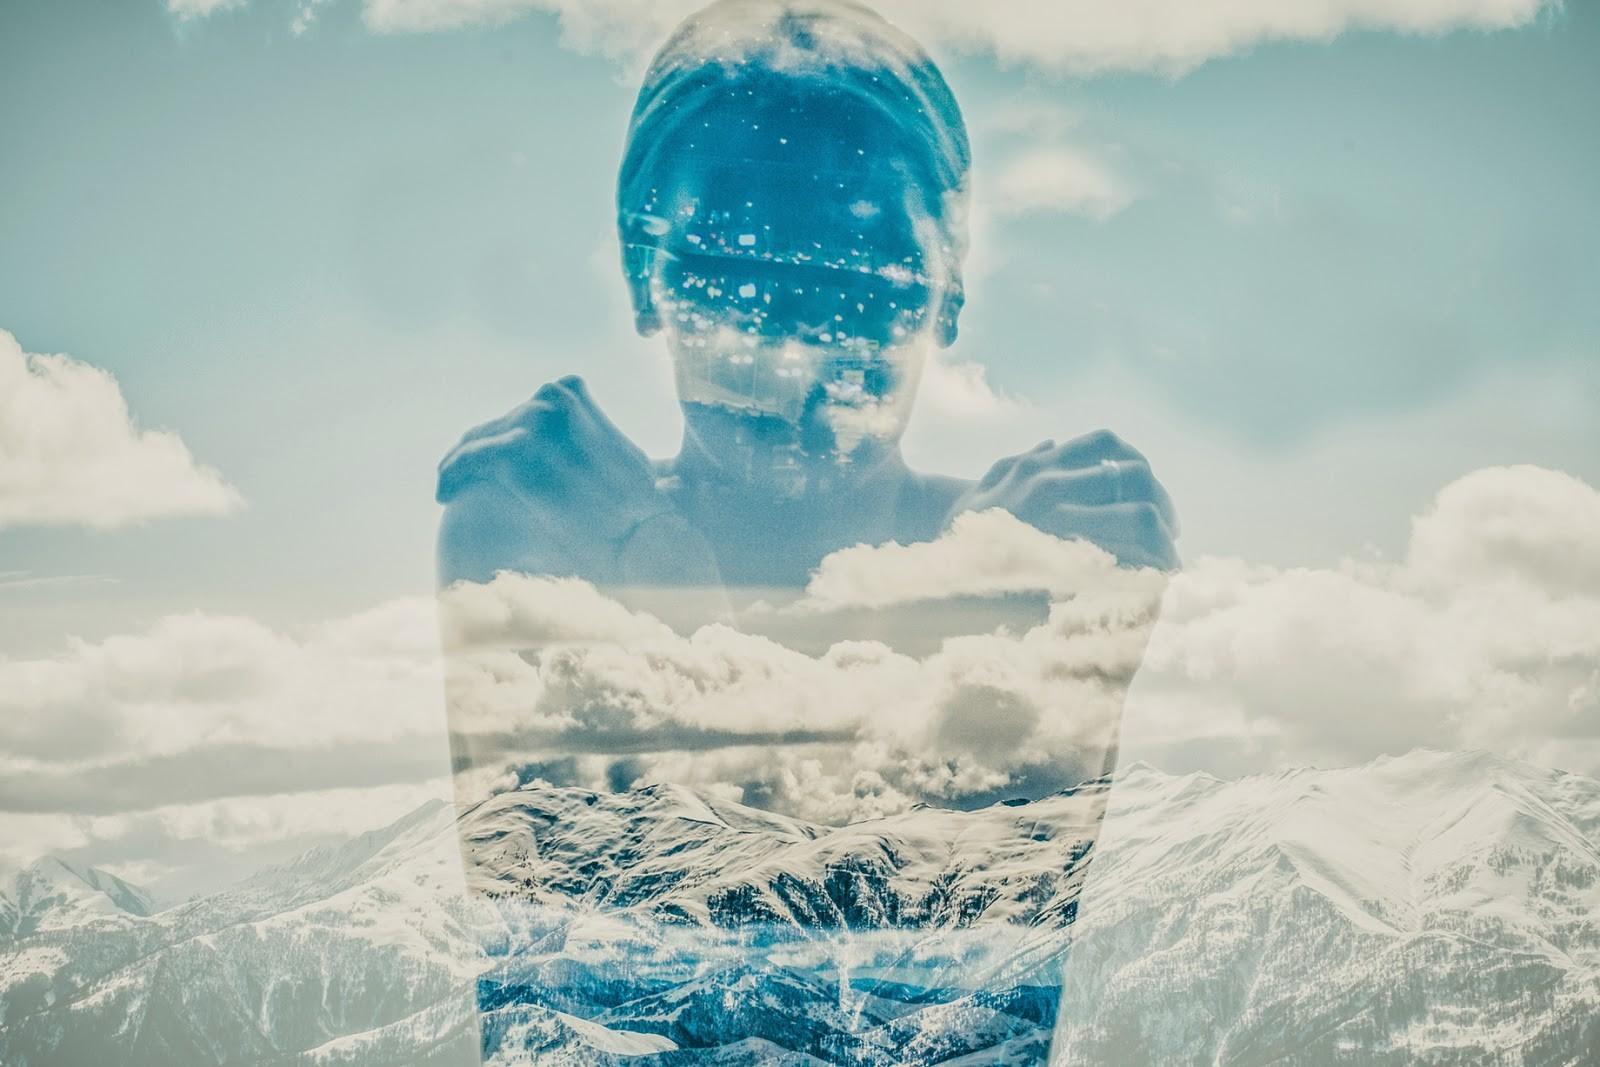 Hình Nền : Núi, Đàn Bà, Bầu Trời, Tuyết, Mùa Đông, Màu Xanh Da Trời, Nước  Đá, Thao Tác Hình Ảnh, Không Khí, Đối Mặt, Bắc Cực, Đóng Băng, Đám Mây, ...